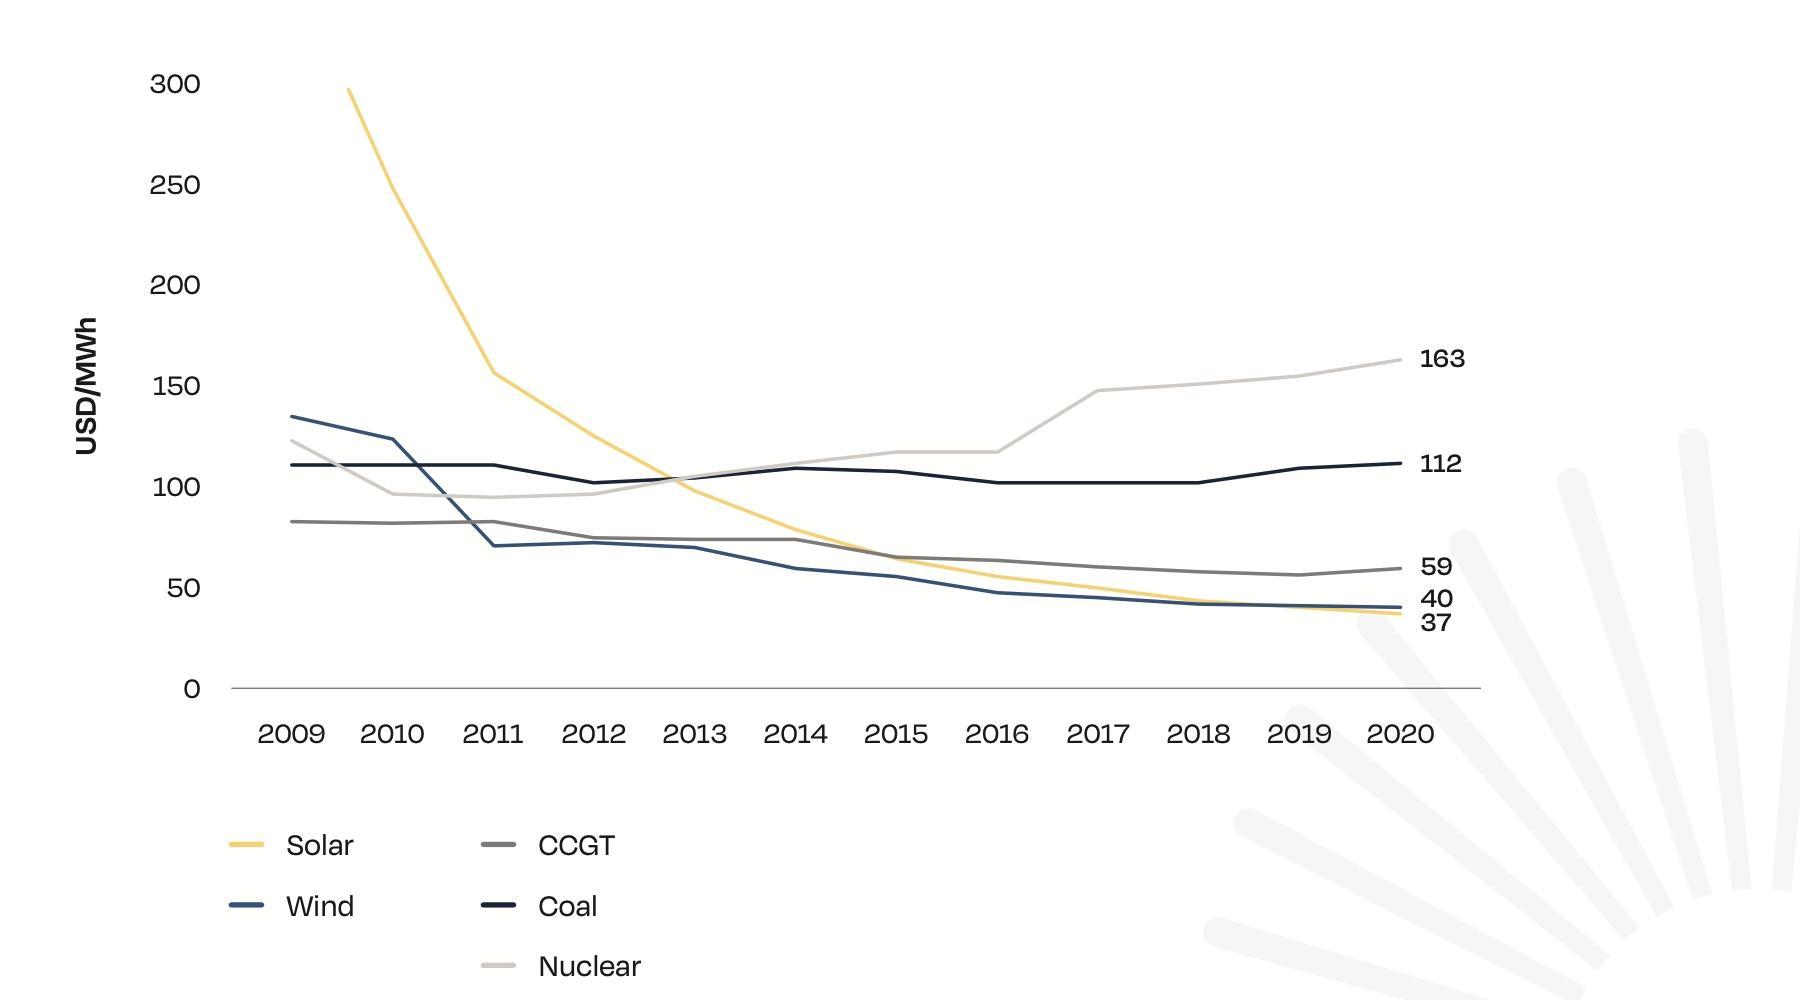 Стоимость солнечной электроэнергии по сравнению с другими источниками энергии за 2009-2020 годы (SolarPowerEurope).